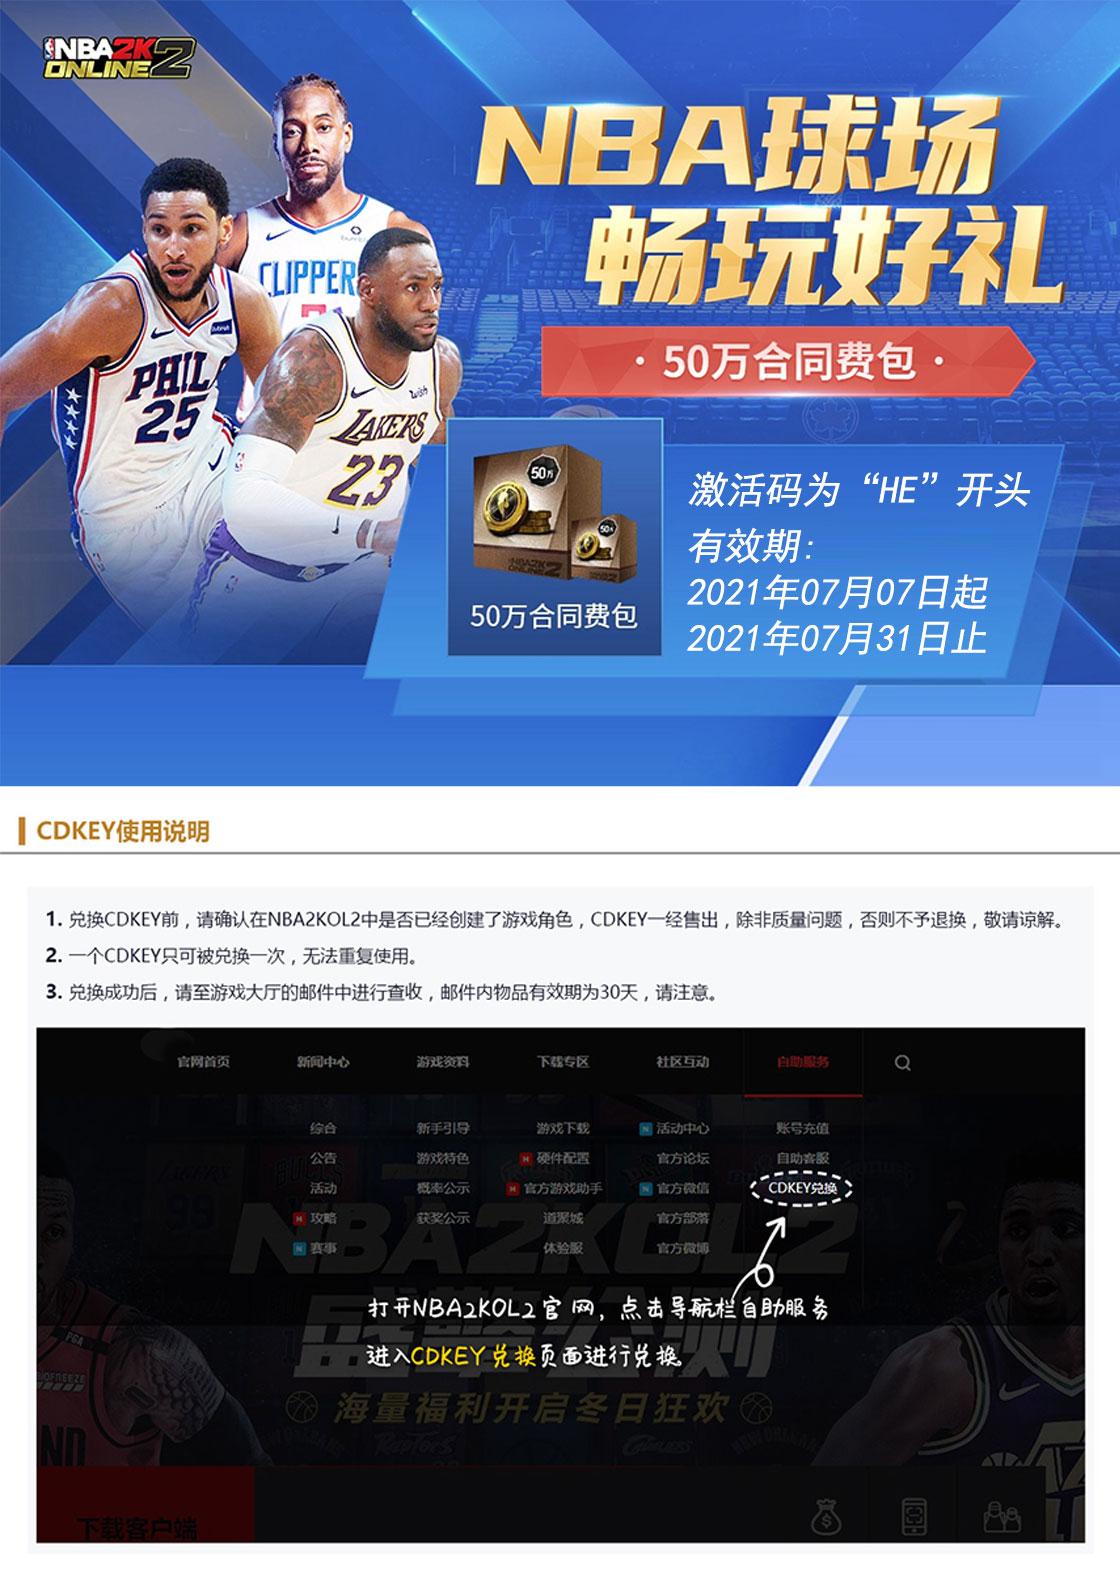 NBA2K合同费包